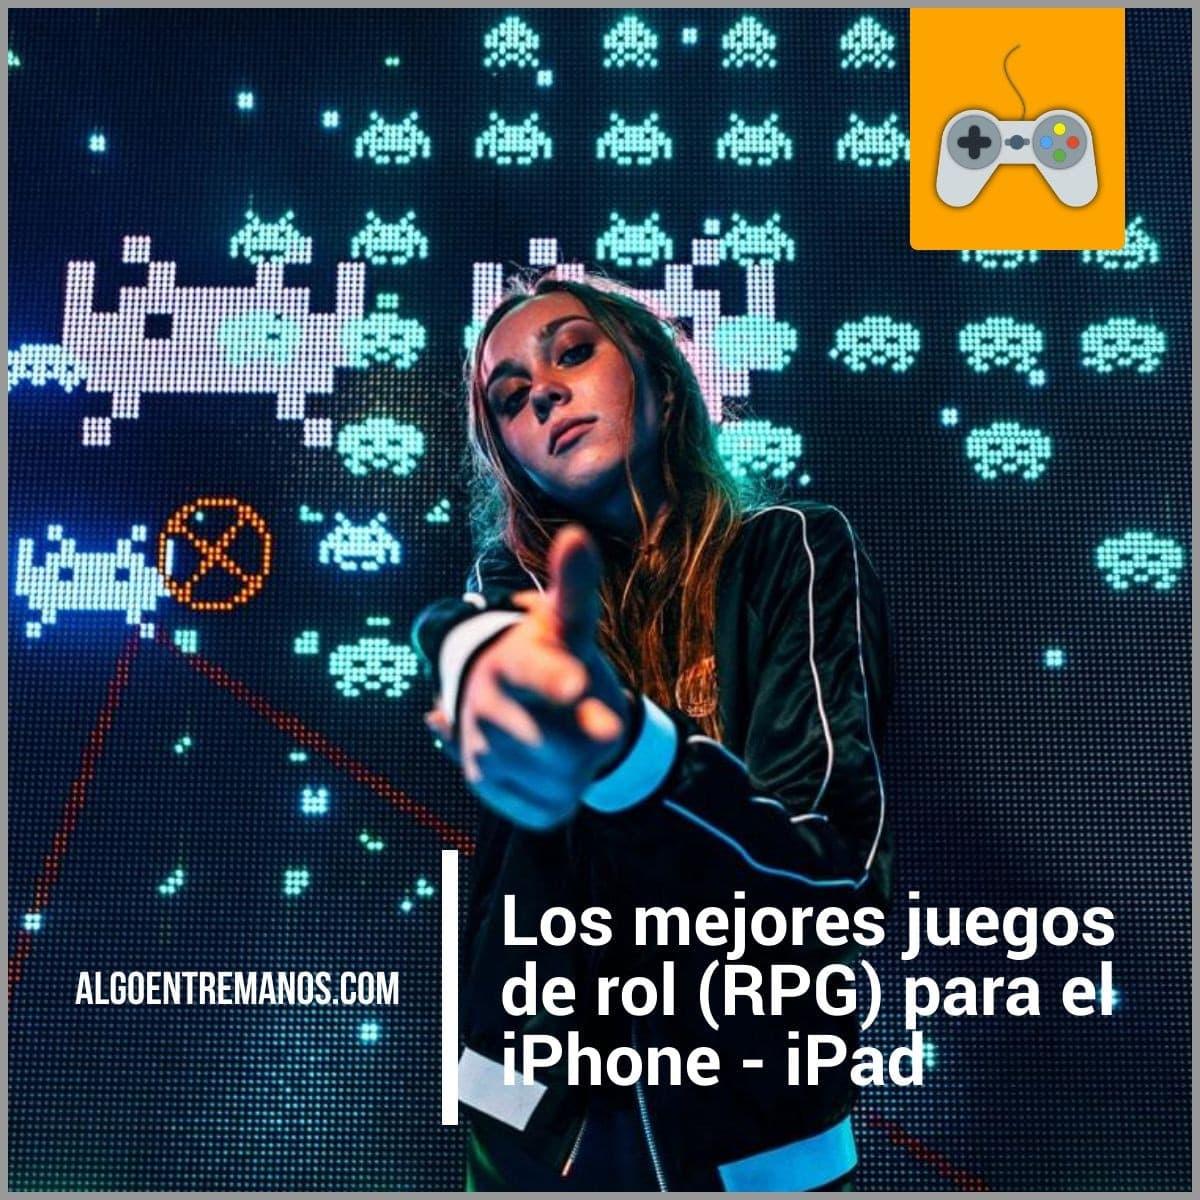 mejores juegos de rol (RPG) para el iPhone - iPad